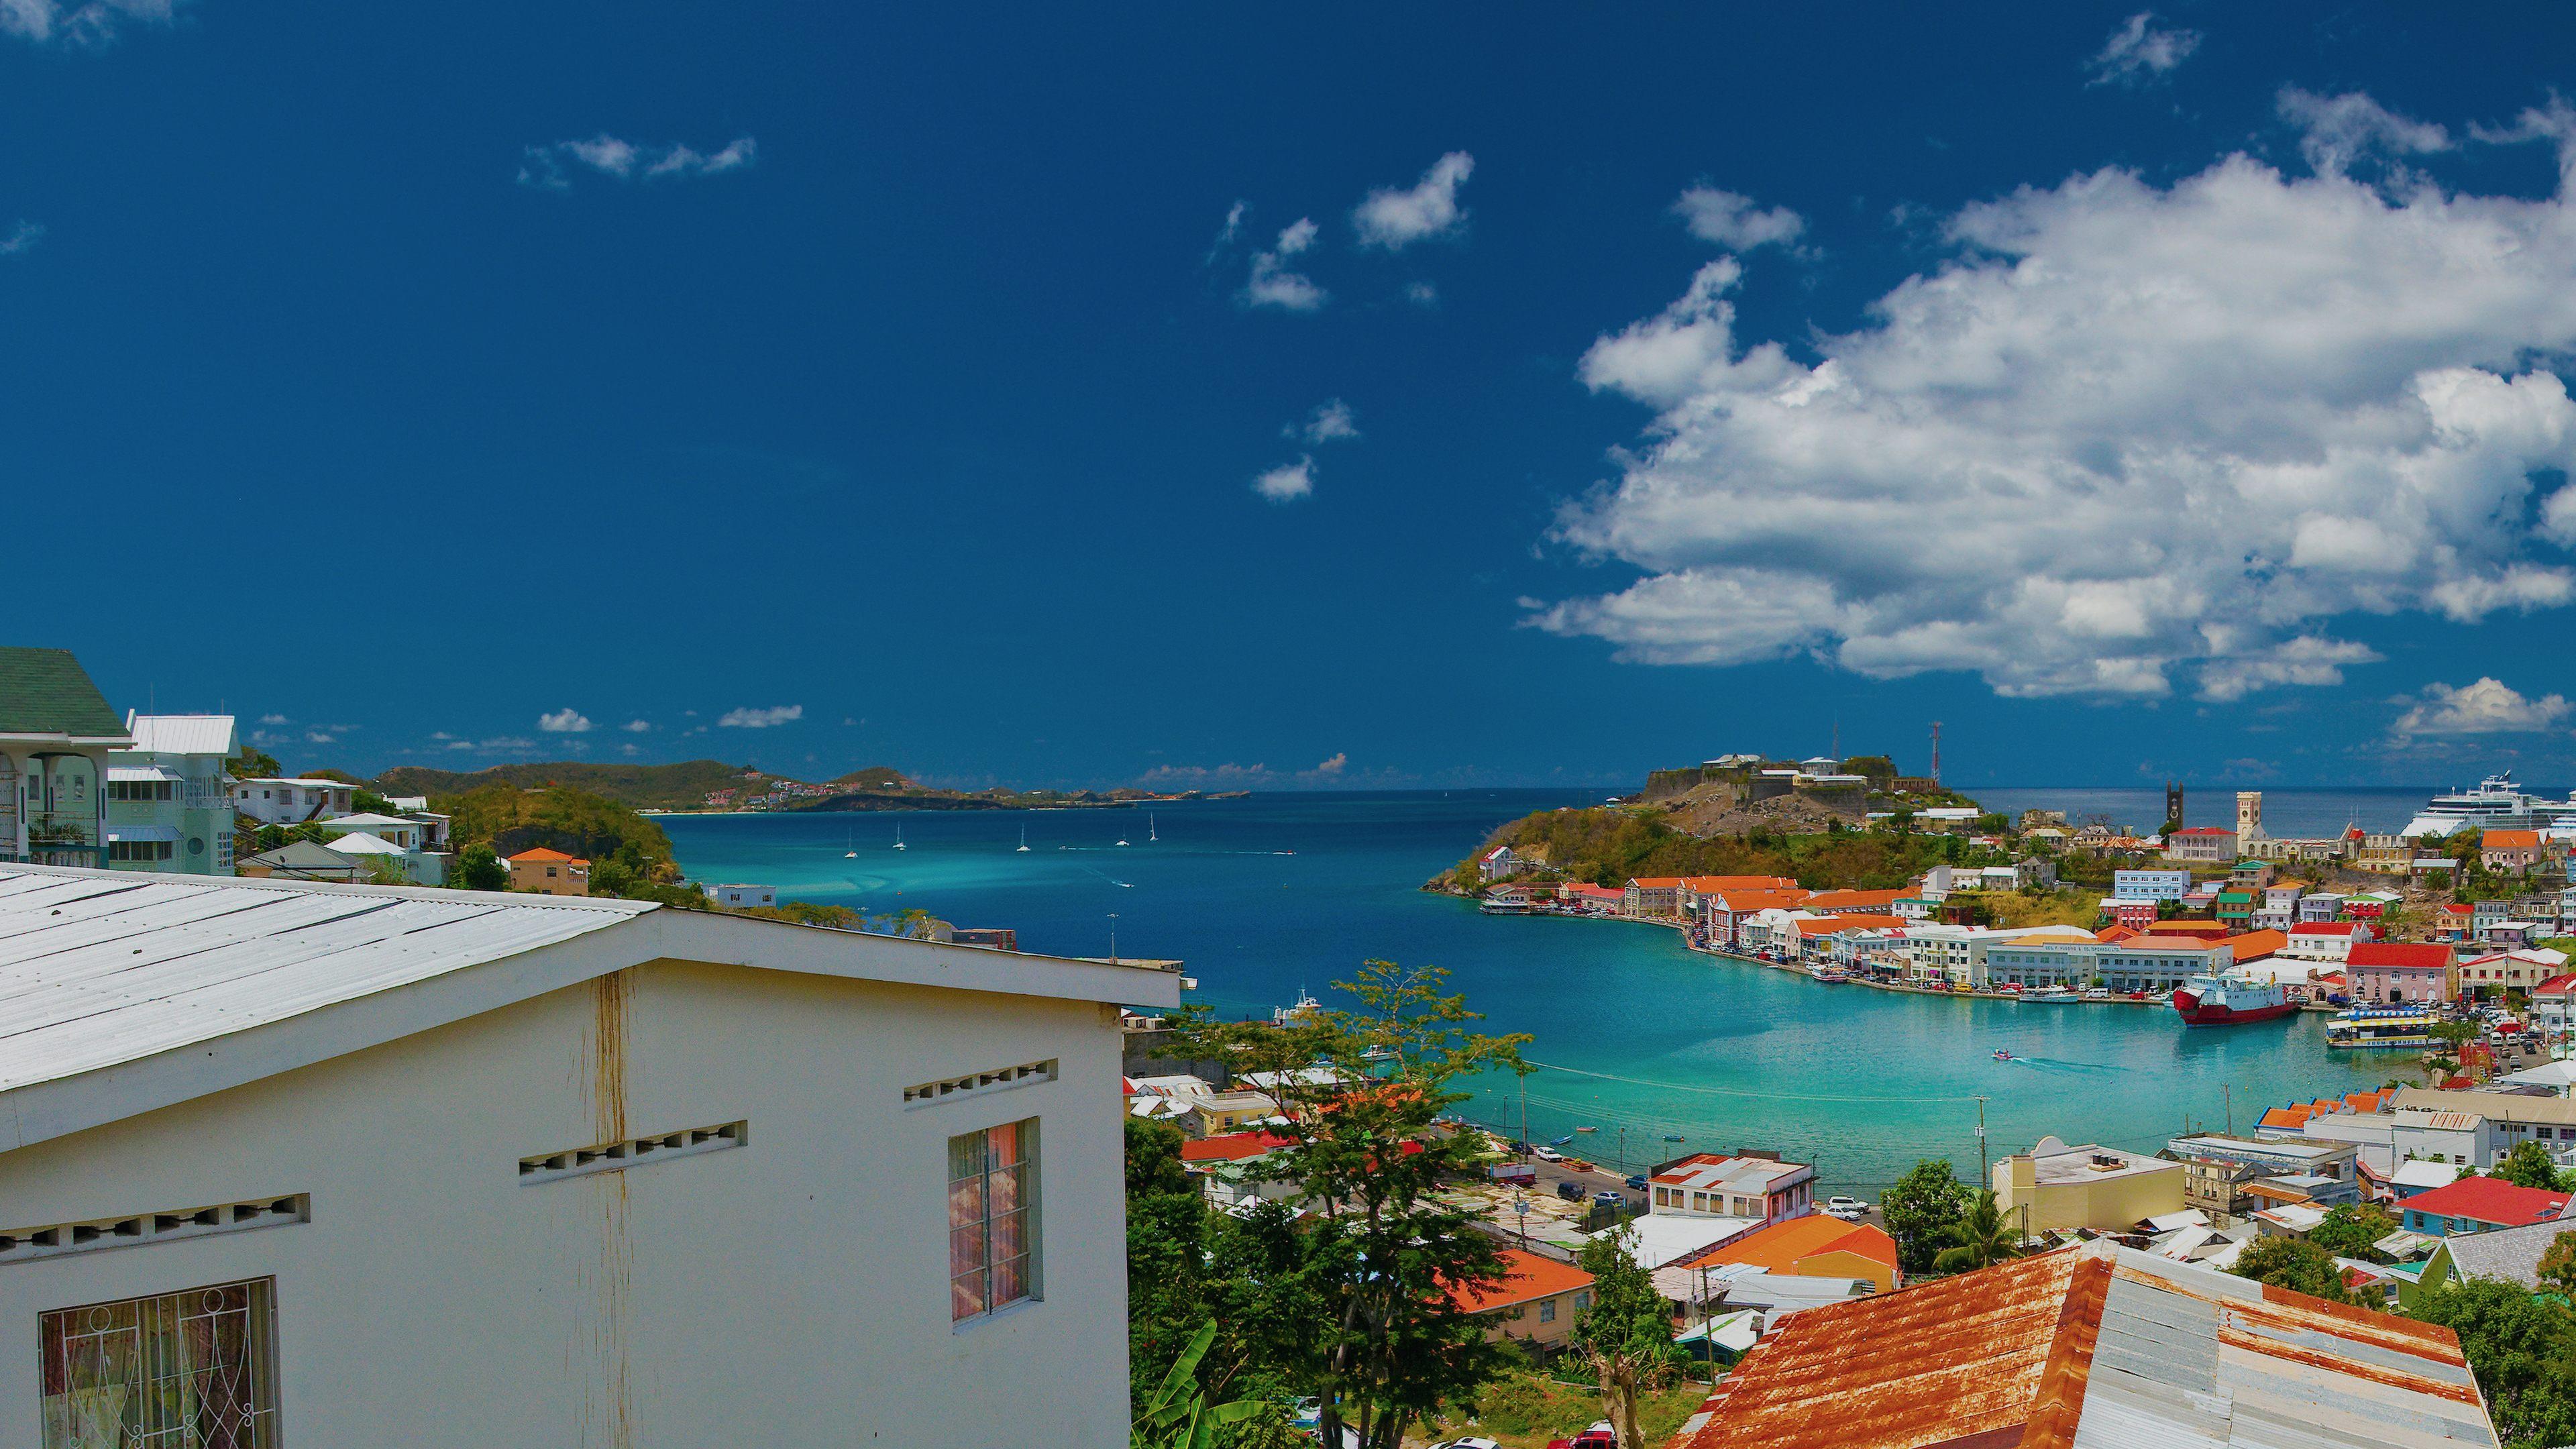 St. George - Grenada Yacht Club